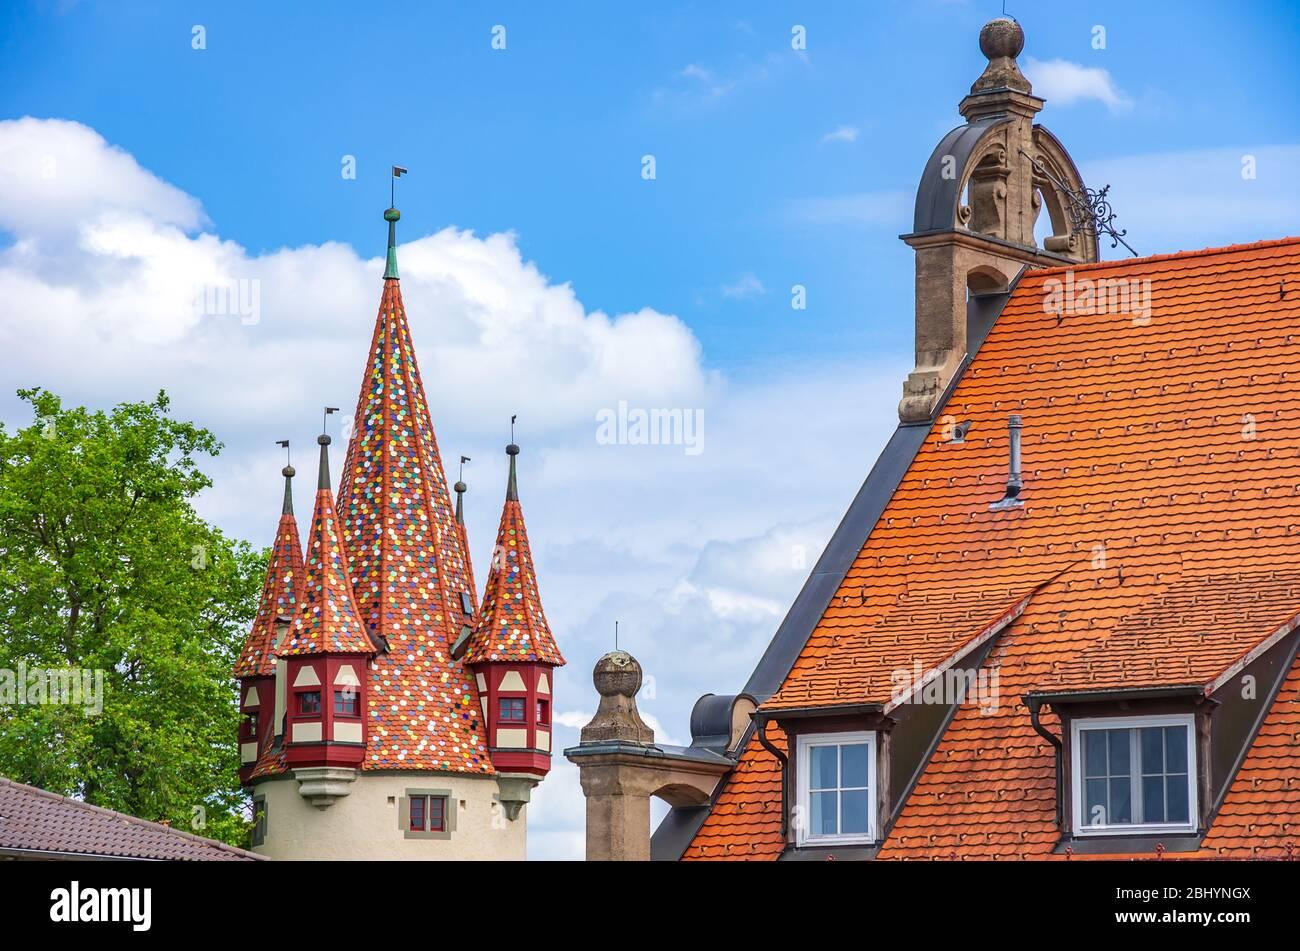 Der Diebe-Turm und das neue Kunstmuseum im ehemaligen Hauptpostamt Lindau am Bodensee, Bayern, Deutschland, Europa. Stockfoto